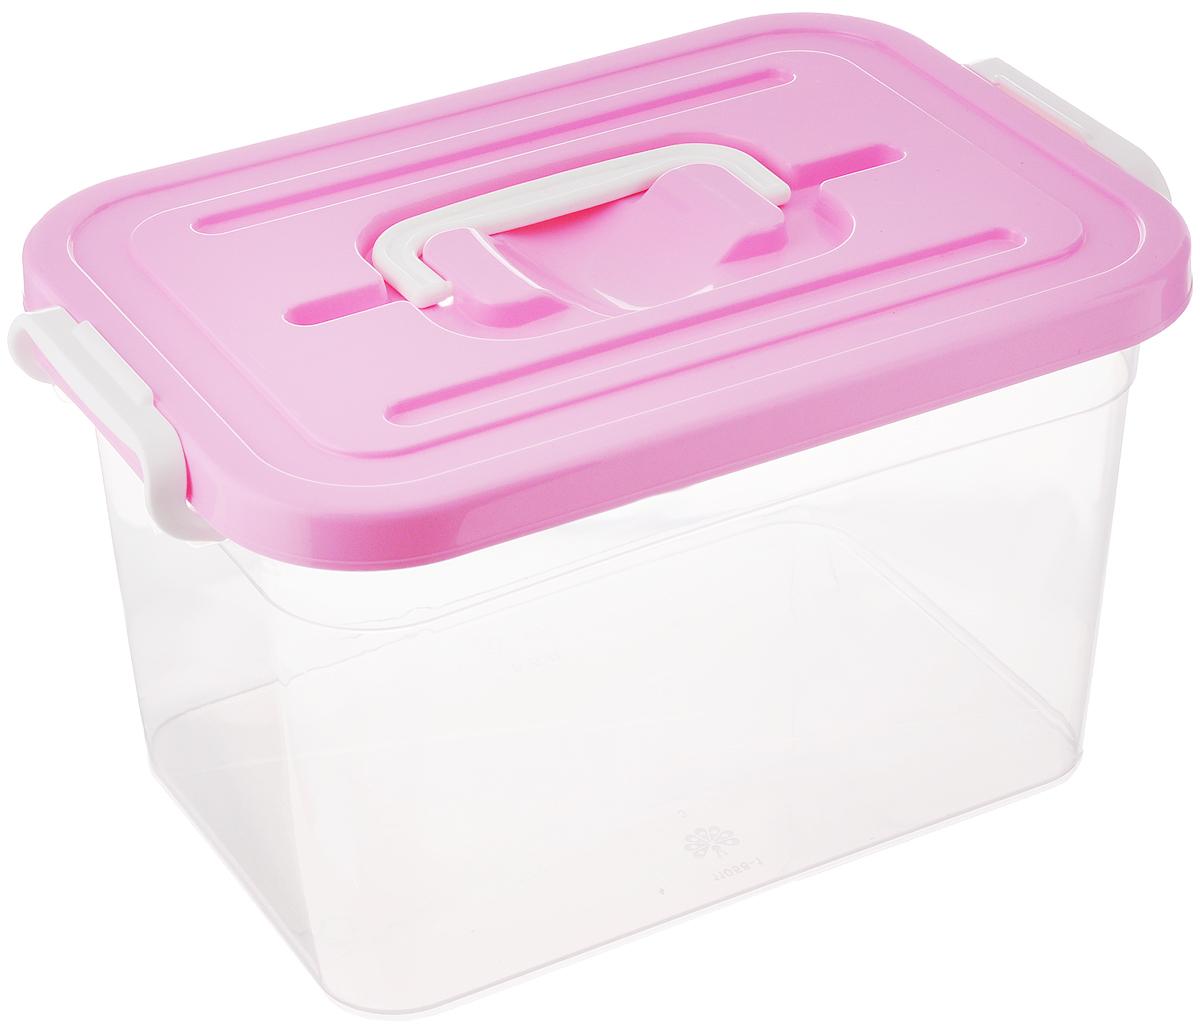 Контейнер для хранения Полимербыт, цвет: розовый, прозрачный, 6,5 лС809_розовыйКонтейнер для хранения Полимербыт выполнен из высококачественного пищевого пластика. Контейнер снабжен удобной ручкой и двумя пластиковыми фиксаторами по бокам, придающими дополнительную надежность закрывания крышки. Вместительный контейнер позволит сохранить различные нужные вещи в порядке, а герметичная крышка предотвратит случайное открывание, защитит содержимое от пыли и грязи. Объем: 6,5 л.